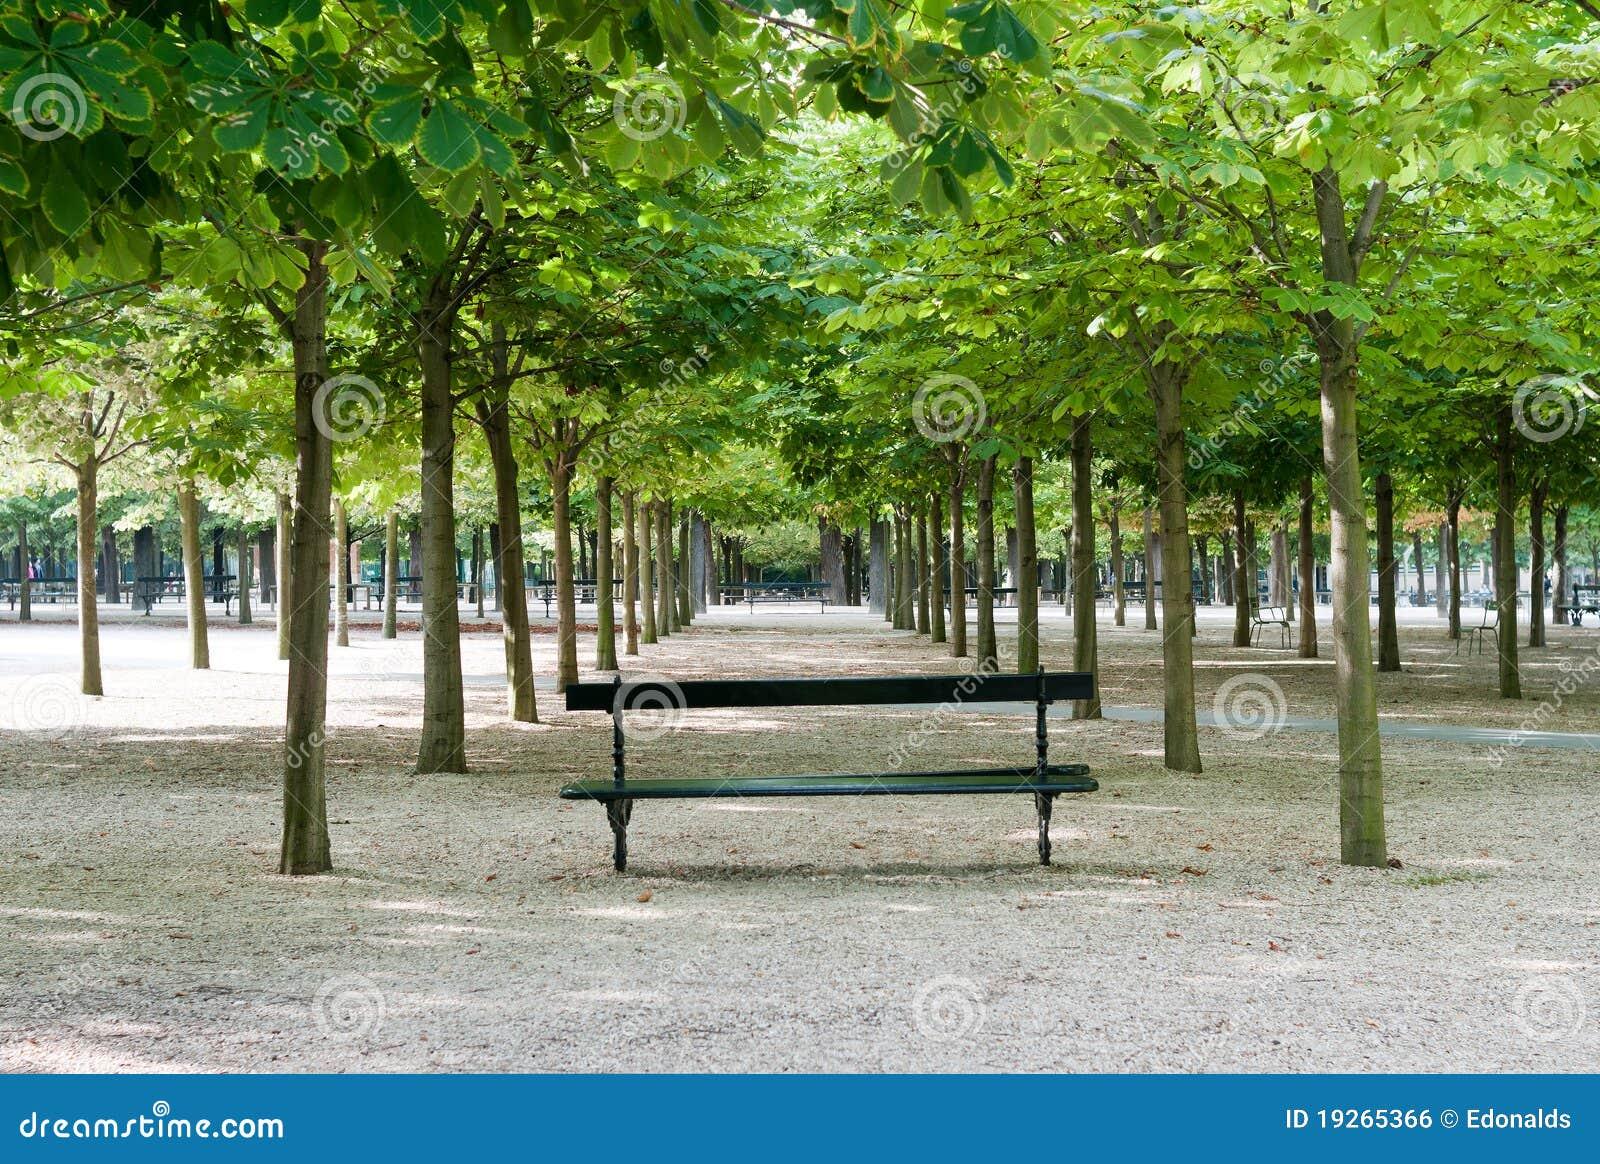 Banc aux jardins du luxembourg image libre de droits for Cafe jardin du luxembourg